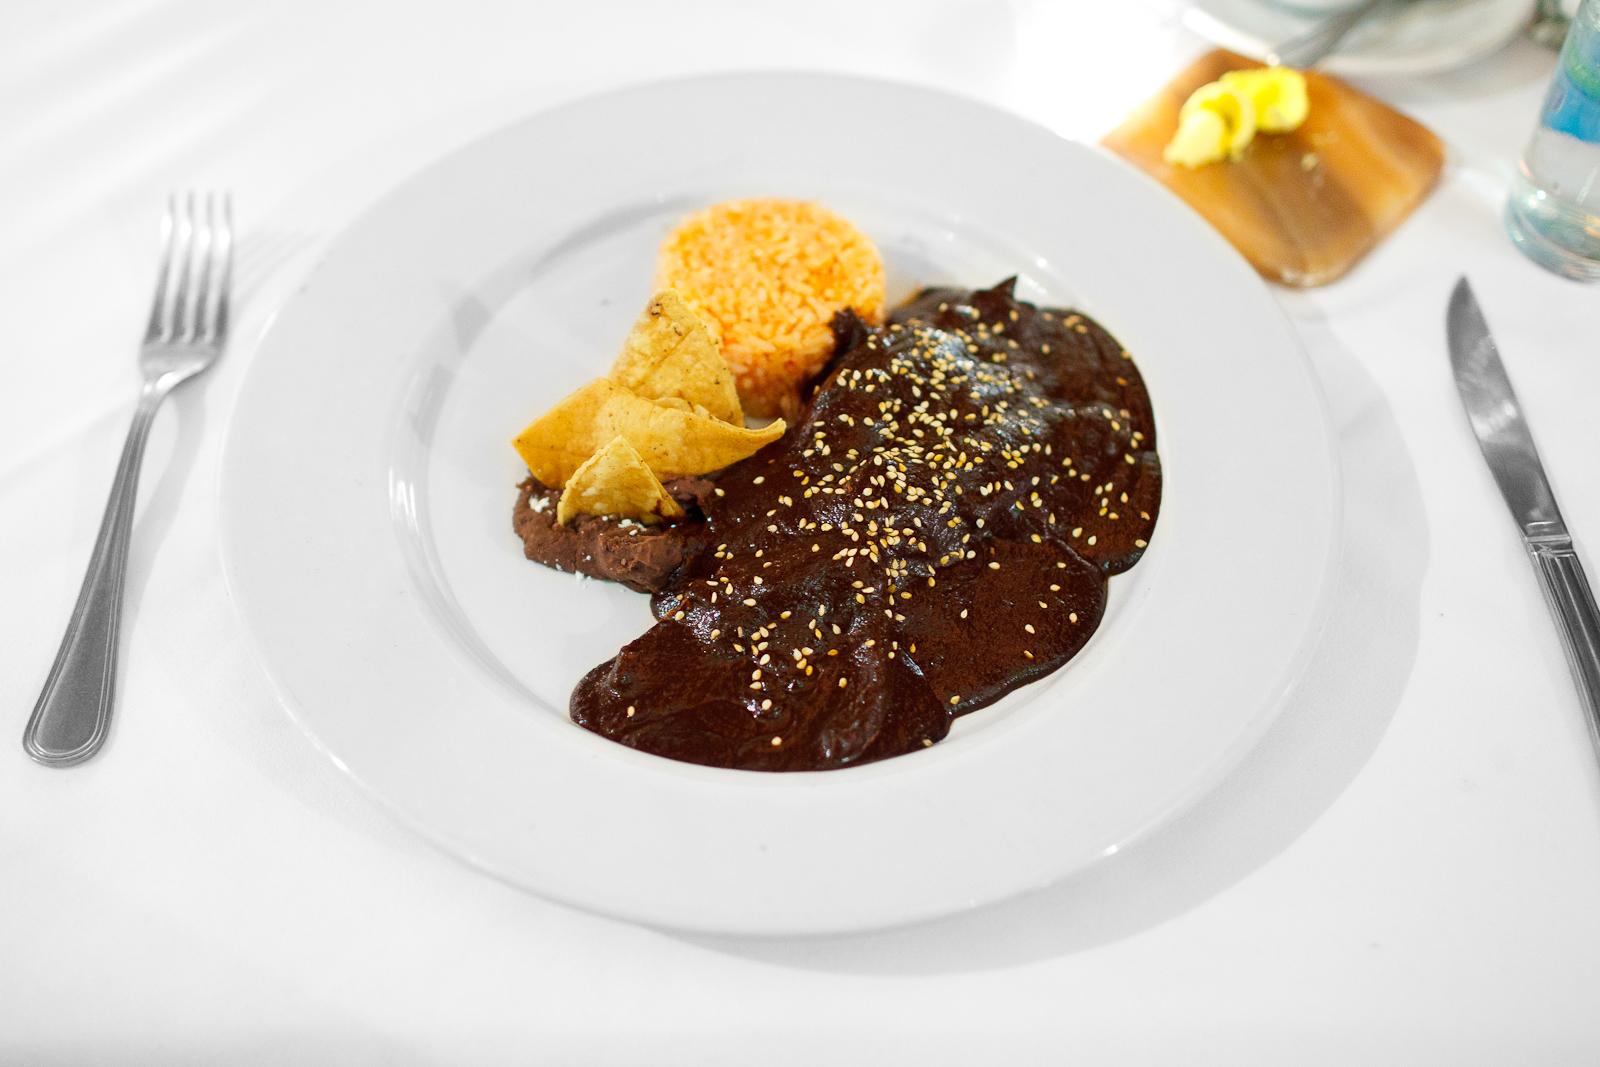 Mole Poblano de pato, hecho a base de chiles secos, frutos, chocolate, semillas, y especias (Pueblan mole over duck) ($195 MXP).jpg